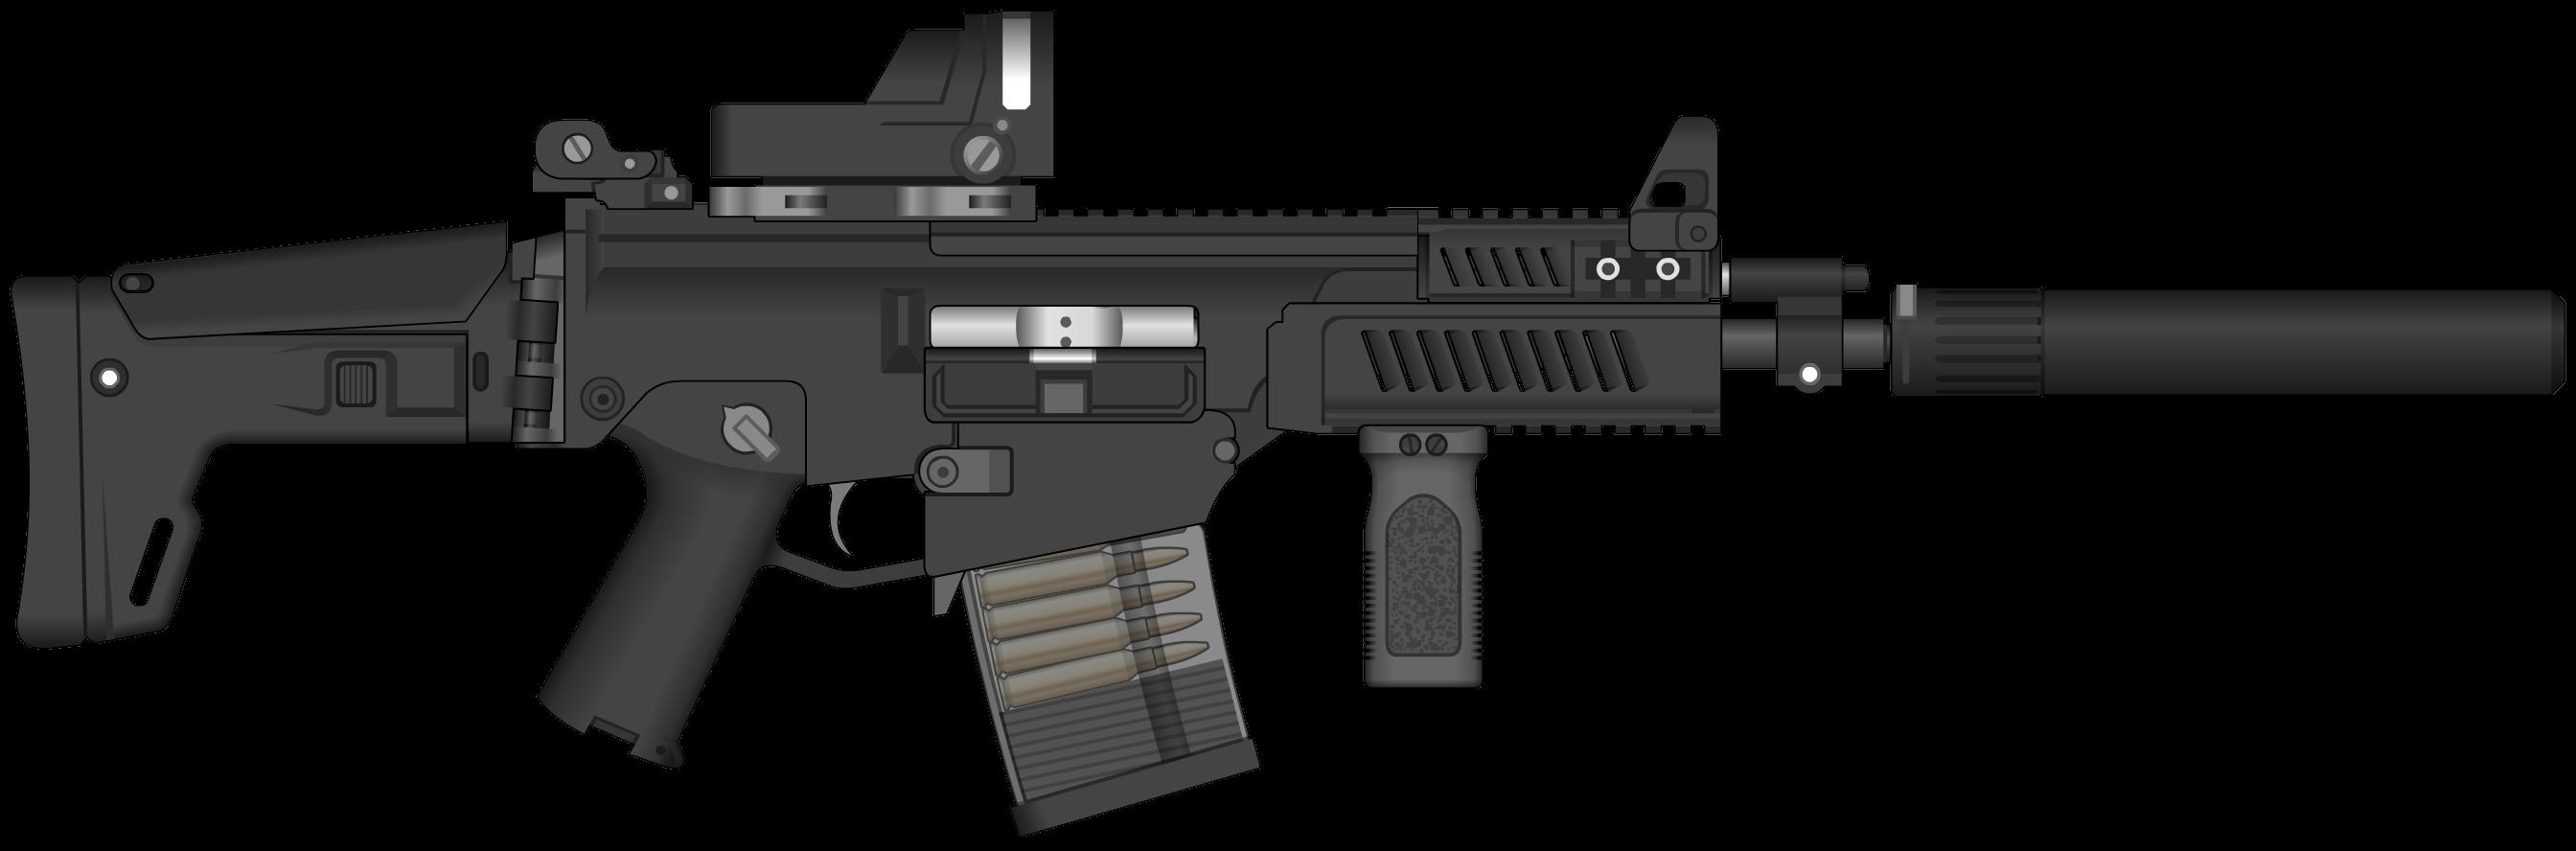 Assault Rifle PNG - 17694